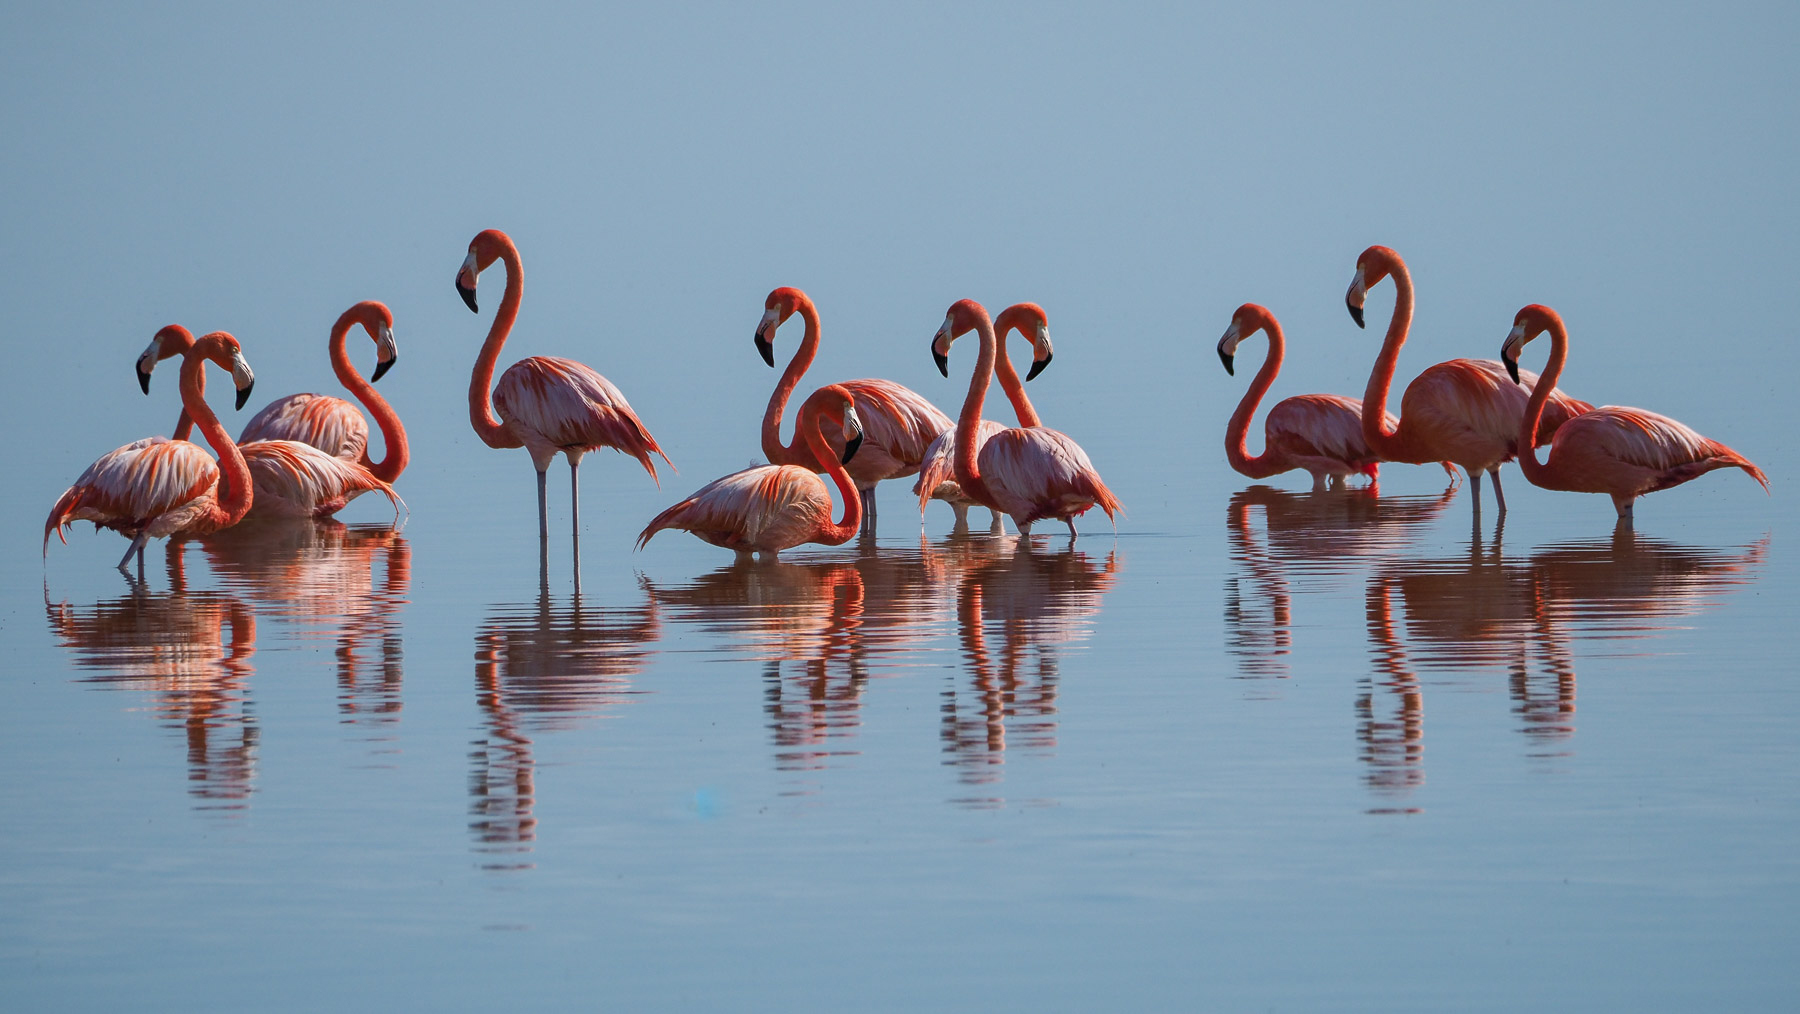 Besonders intensiv rosa Flamingos